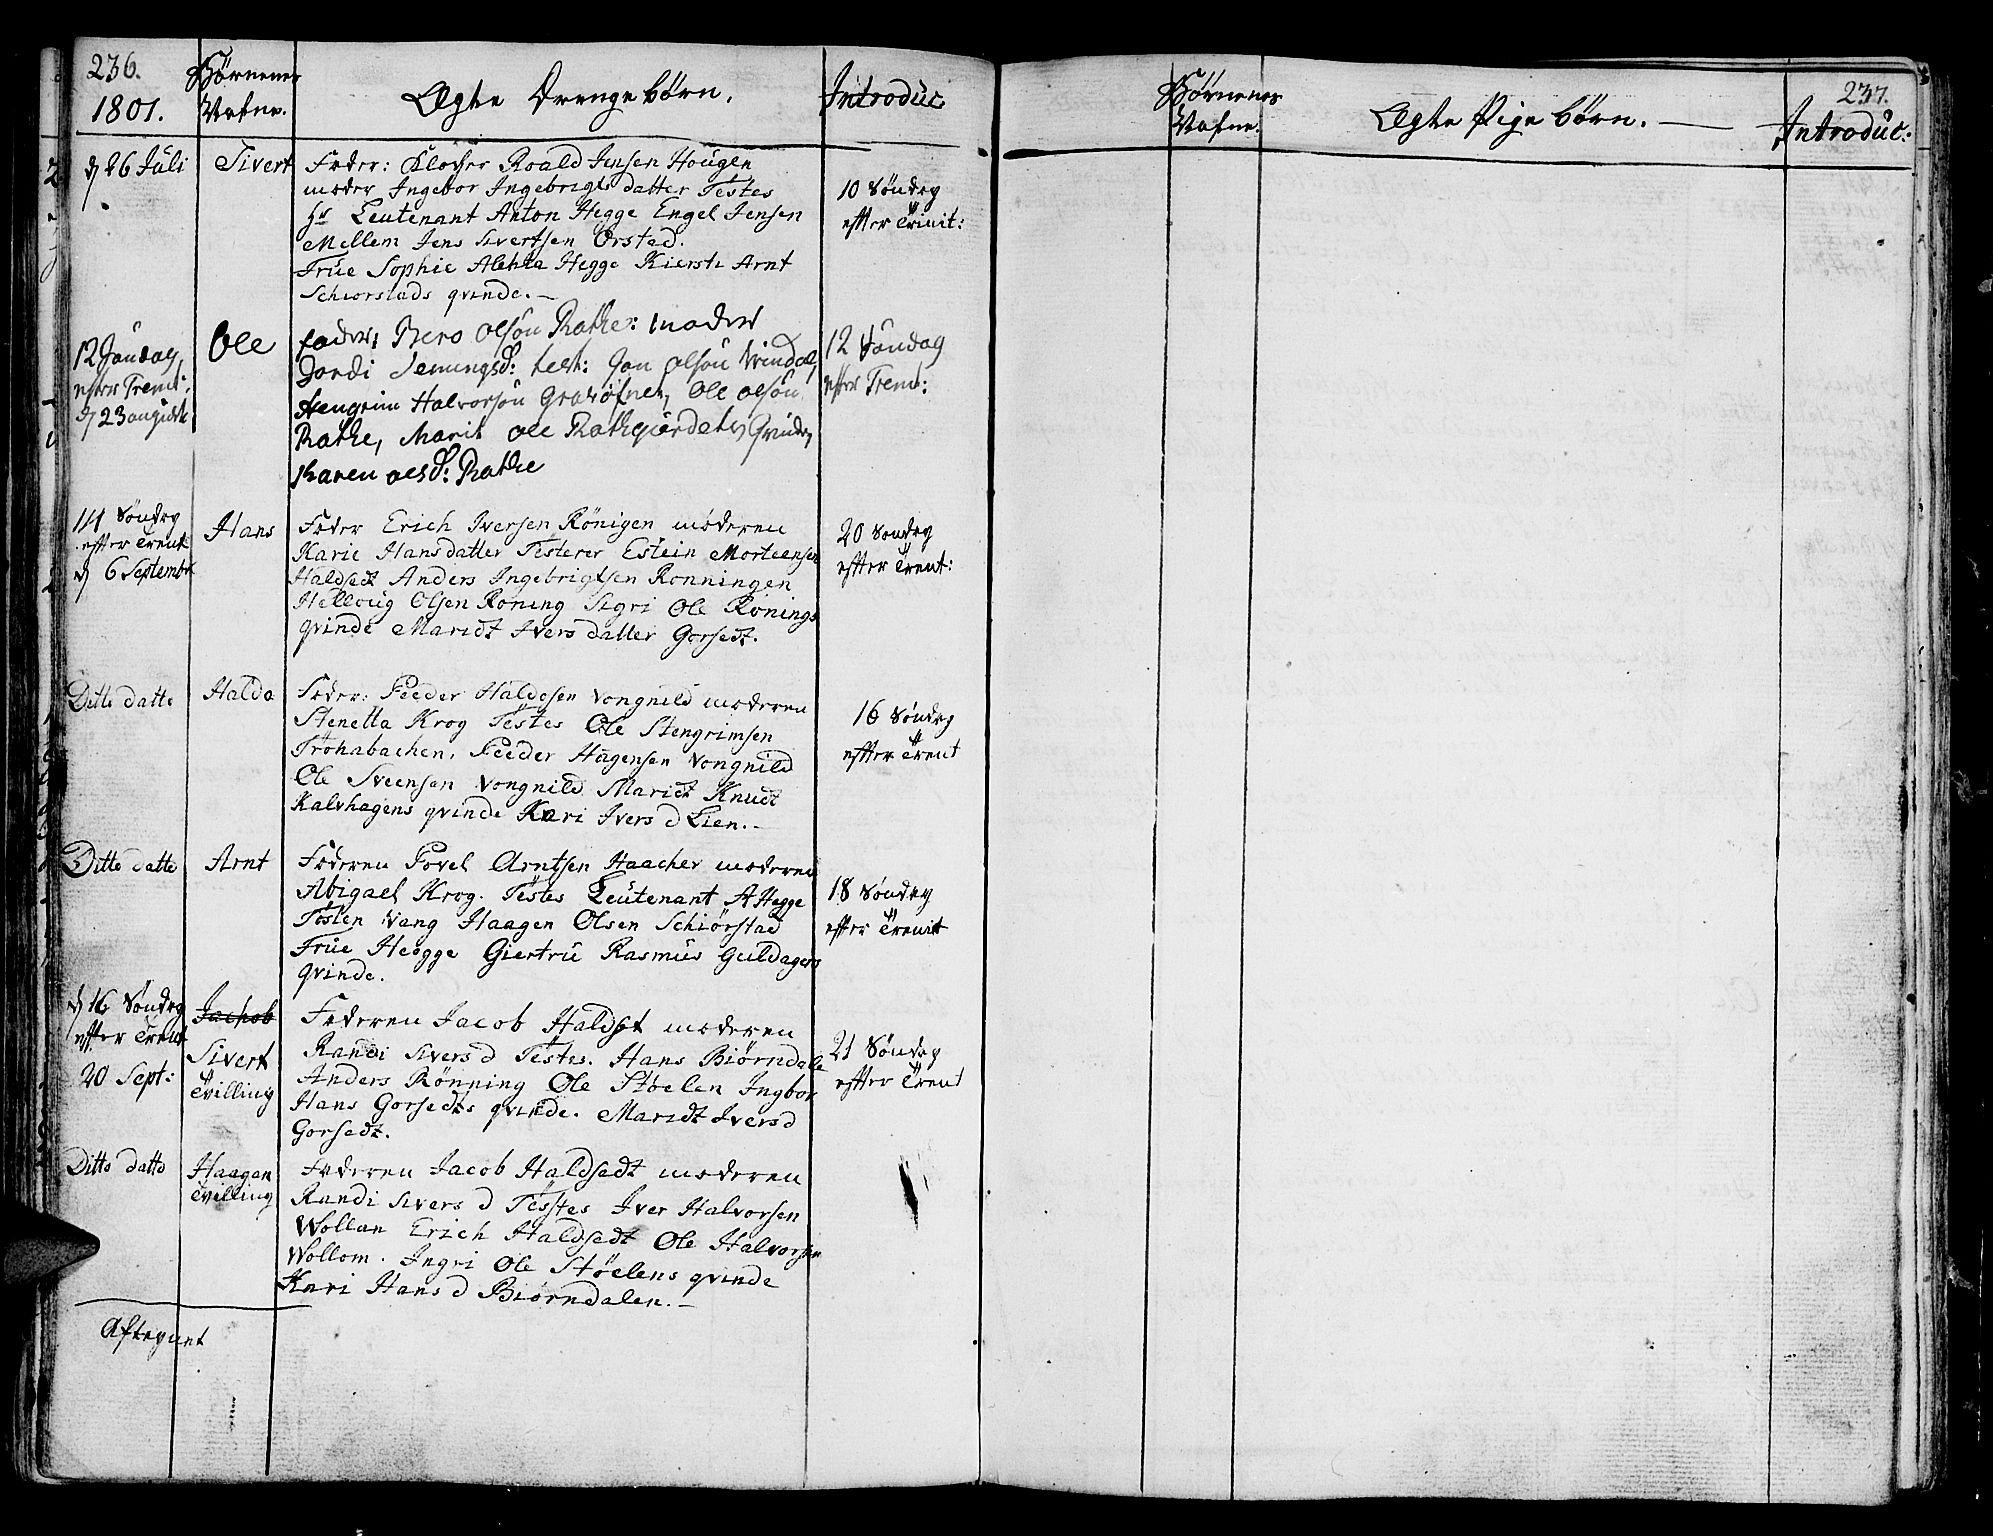 SAT, Ministerialprotokoller, klokkerbøker og fødselsregistre - Sør-Trøndelag, 678/L0893: Ministerialbok nr. 678A03, 1792-1805, s. 236-237